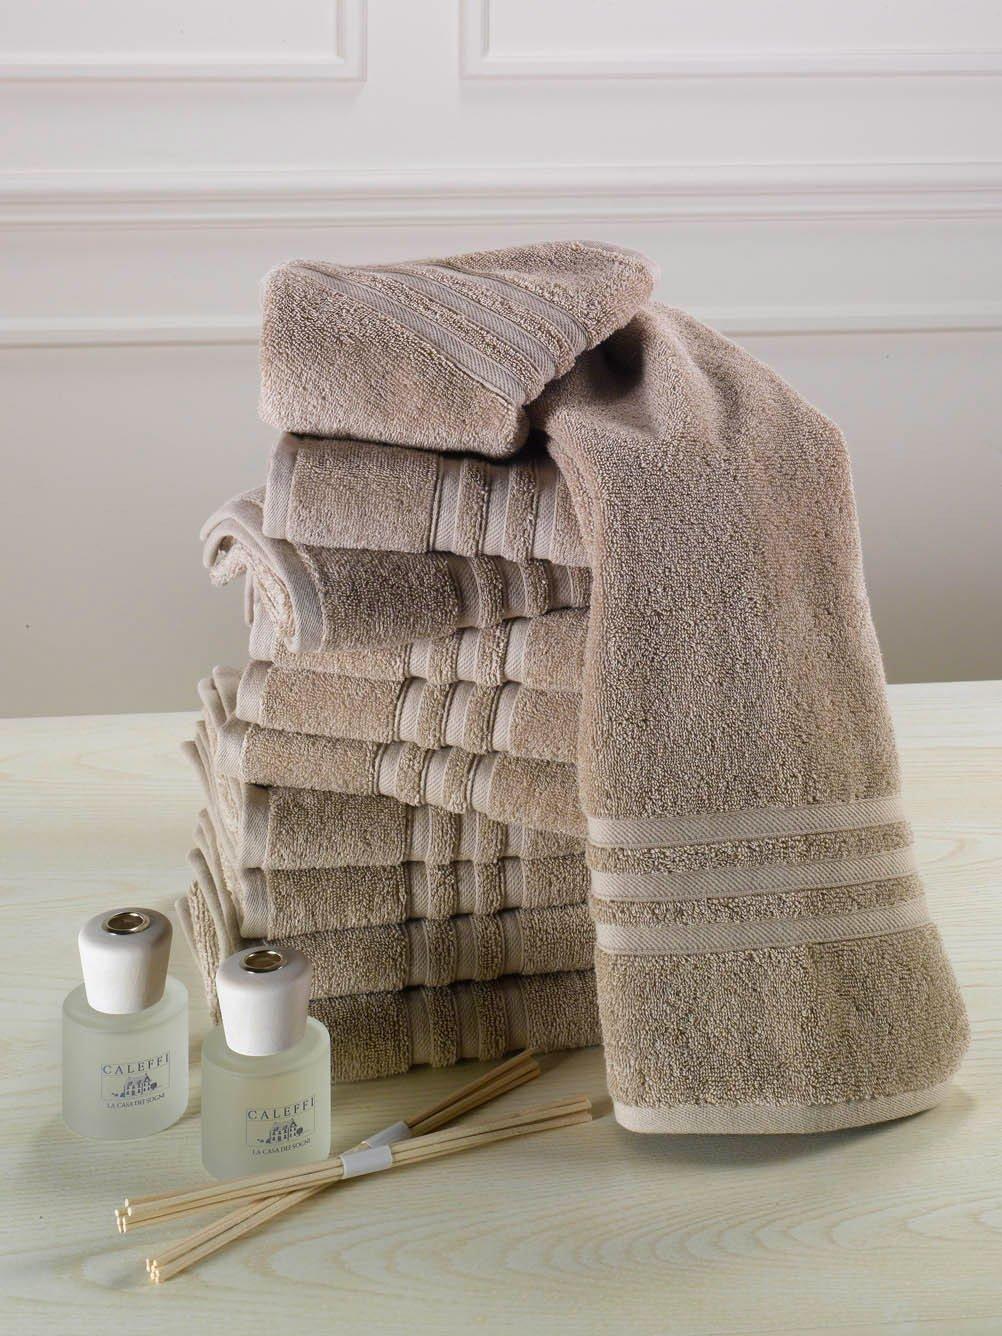 Asciugamani per il bagno come scegliere materiali e colori cose di casa - Asciugamani da bagno ...